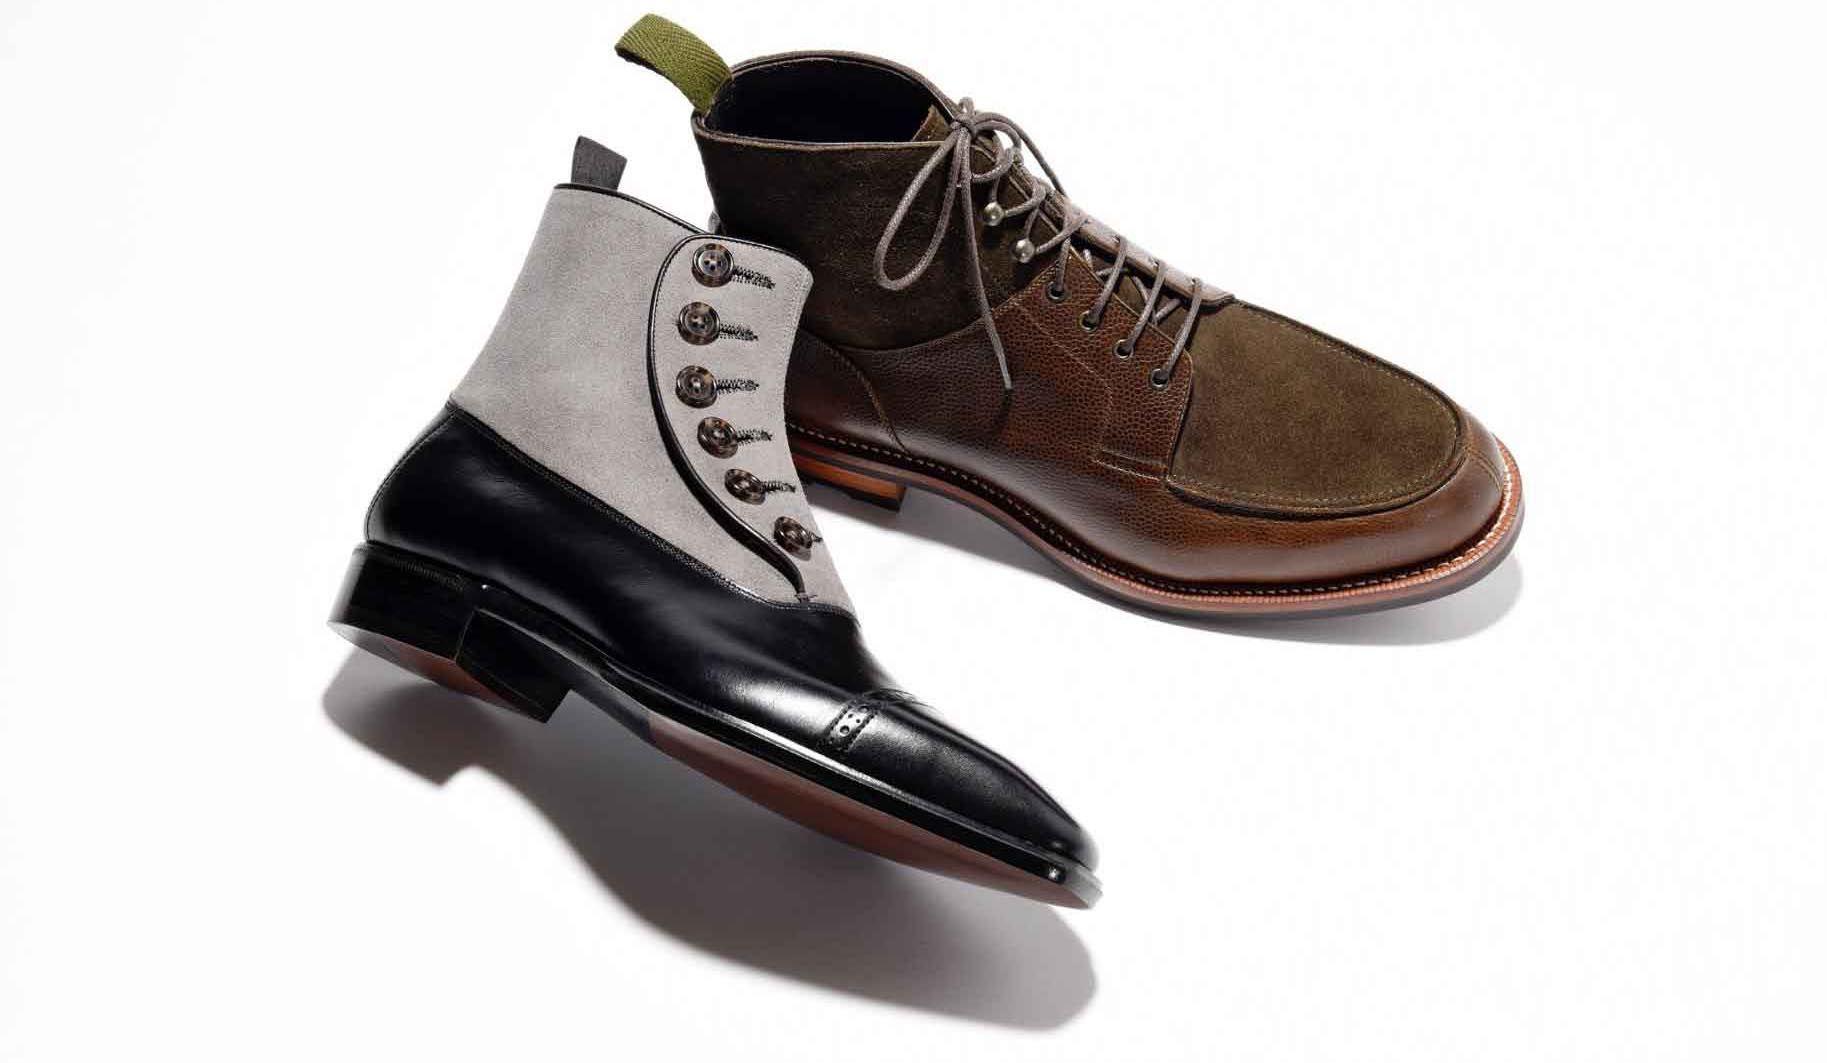 シューマニファクチャー オーツカと三陽山長のブーツ